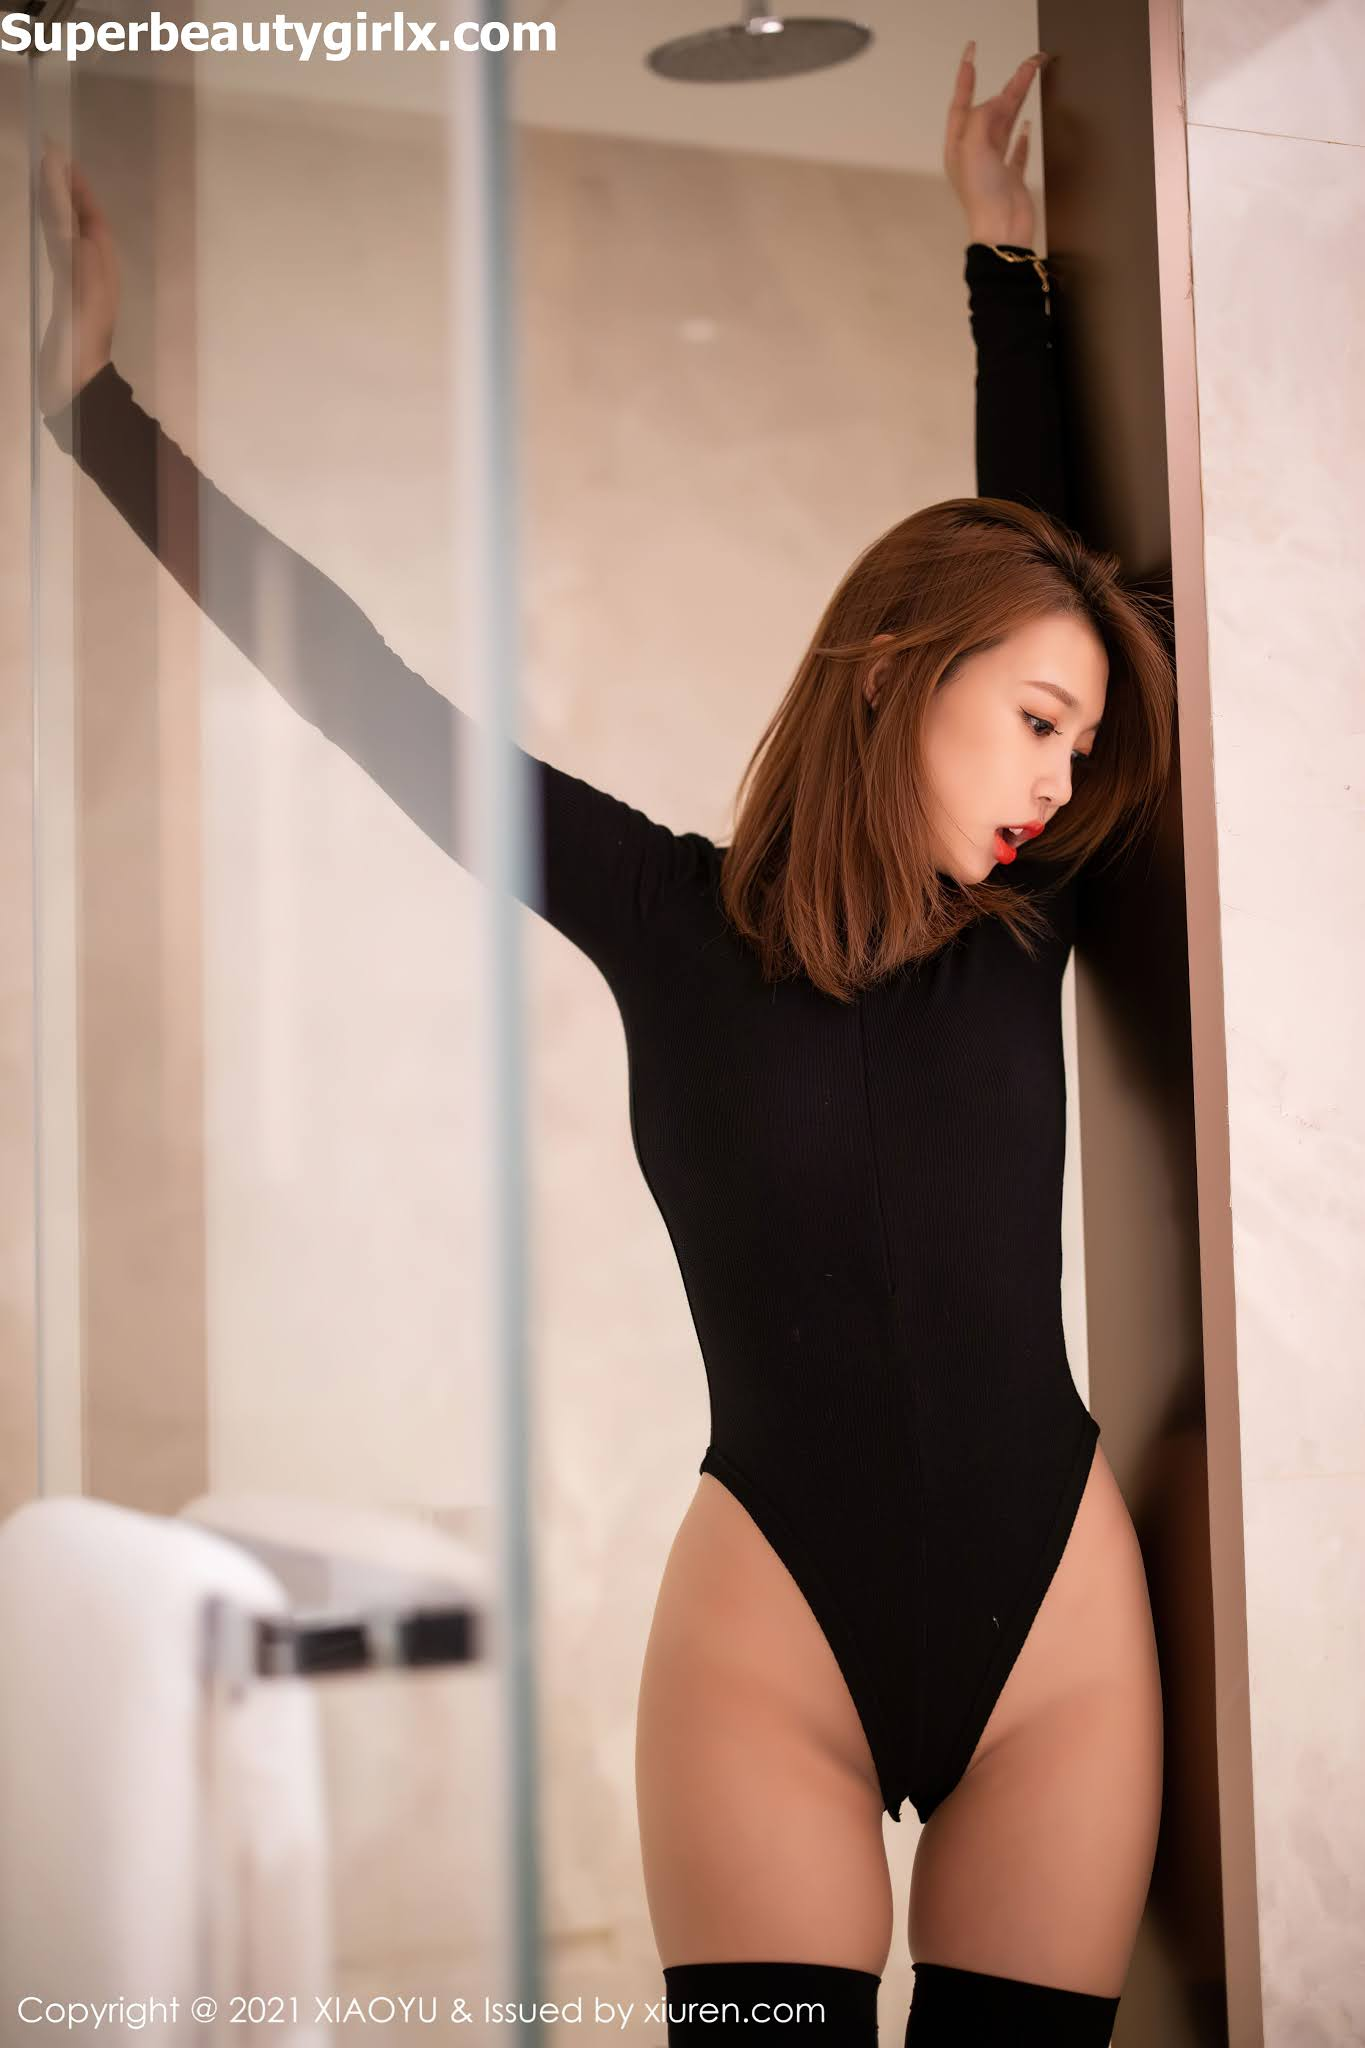 XiaoYu-Vol.483-LRIS-Feng-Mu-Mu-Superbeautygirlx.com